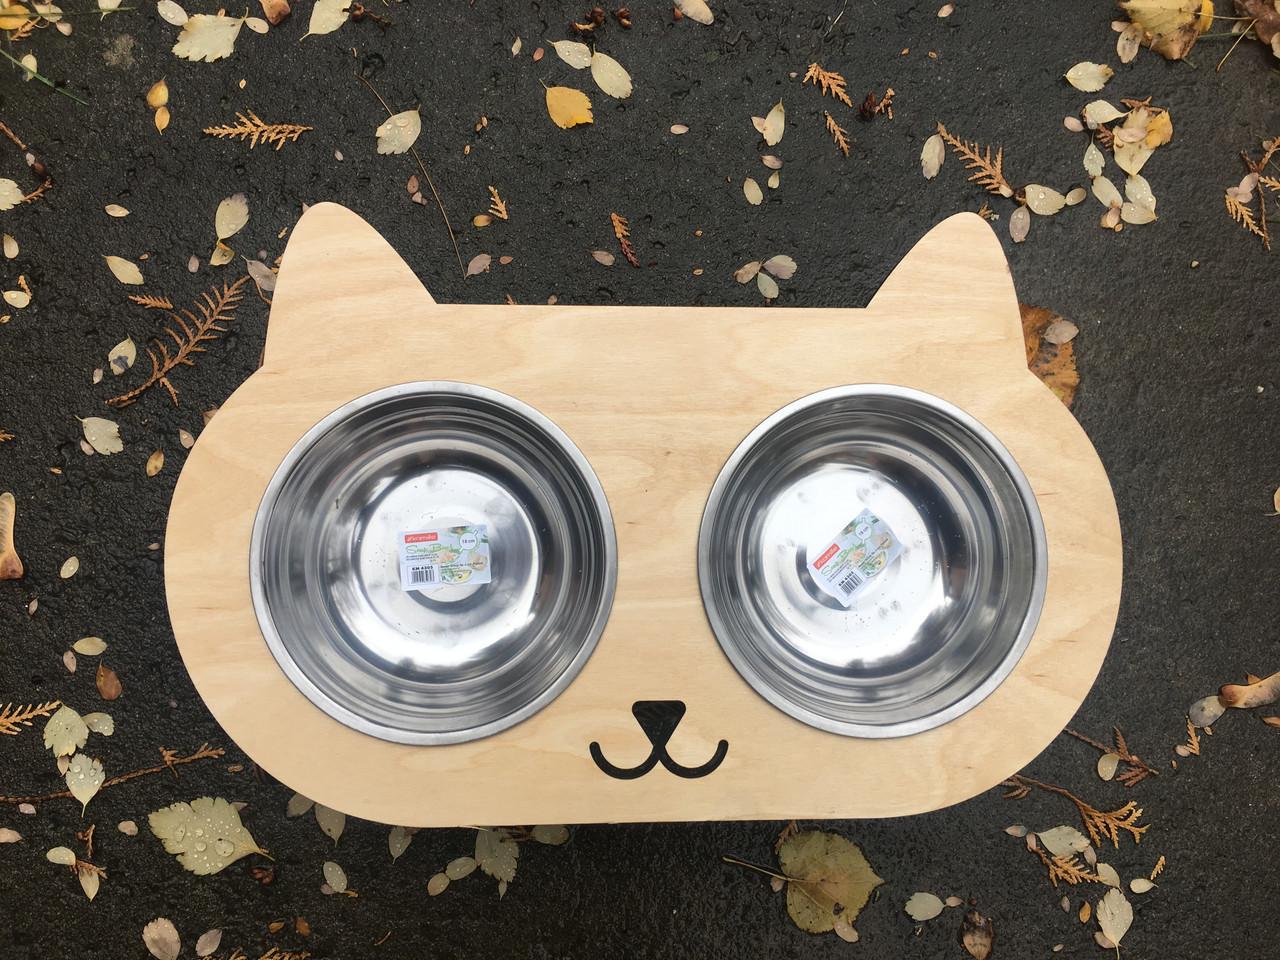 Підставка з двома мисками для котика